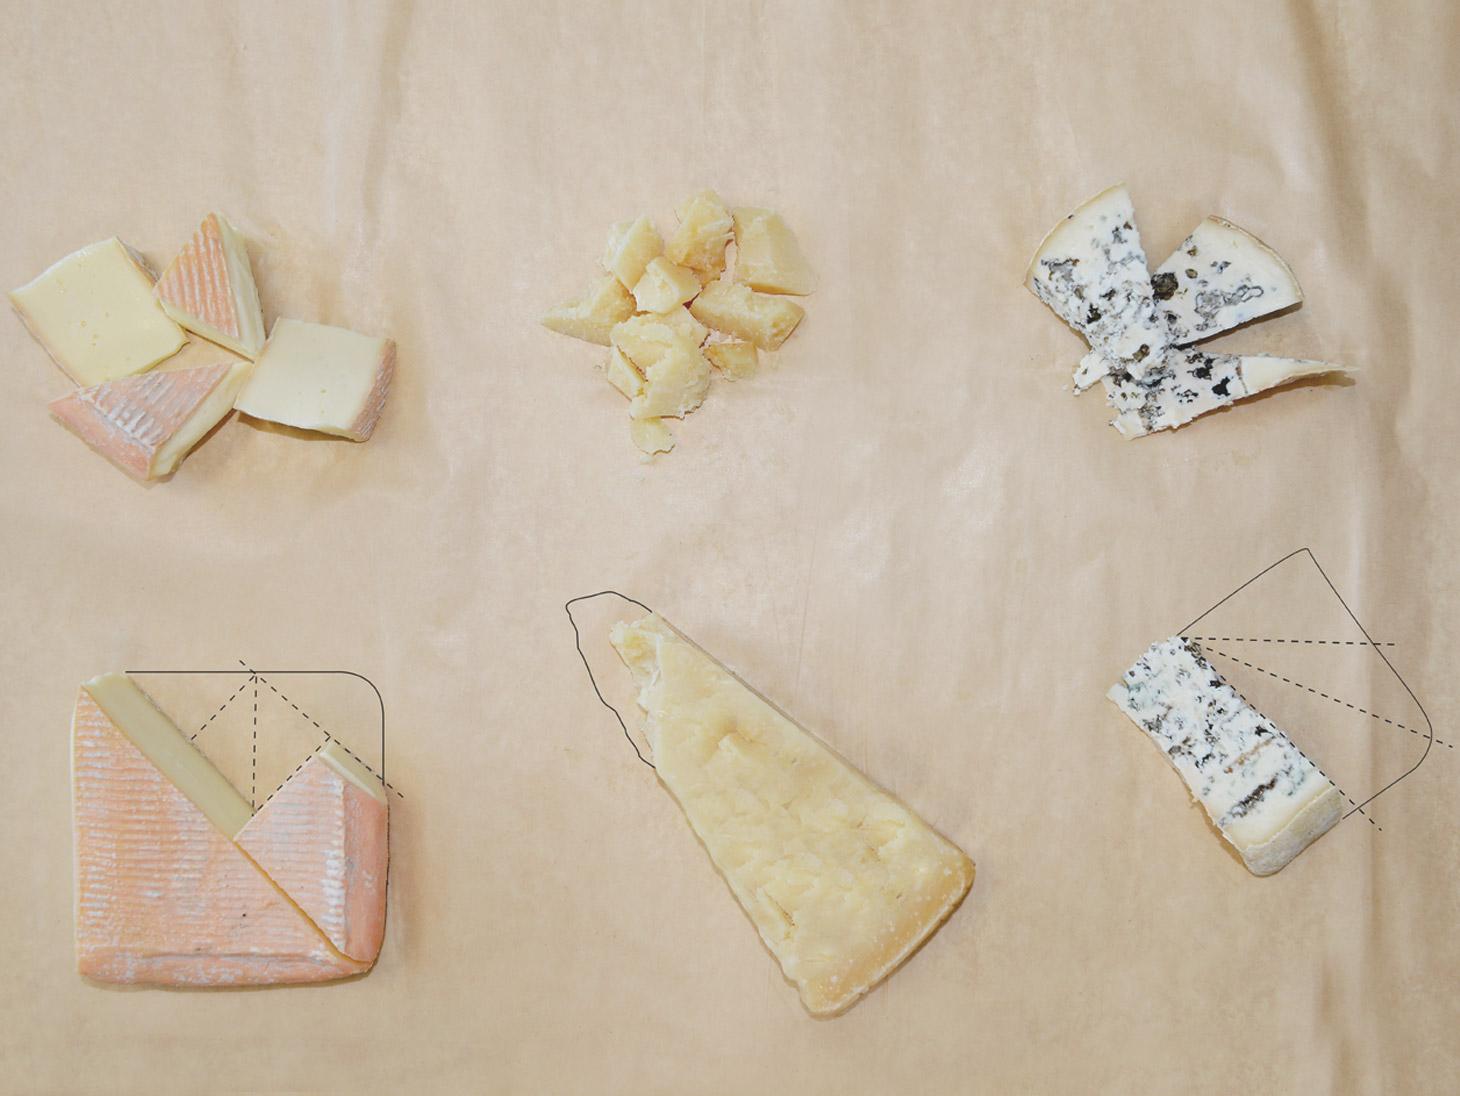 Come tagliare i formaggi - 1